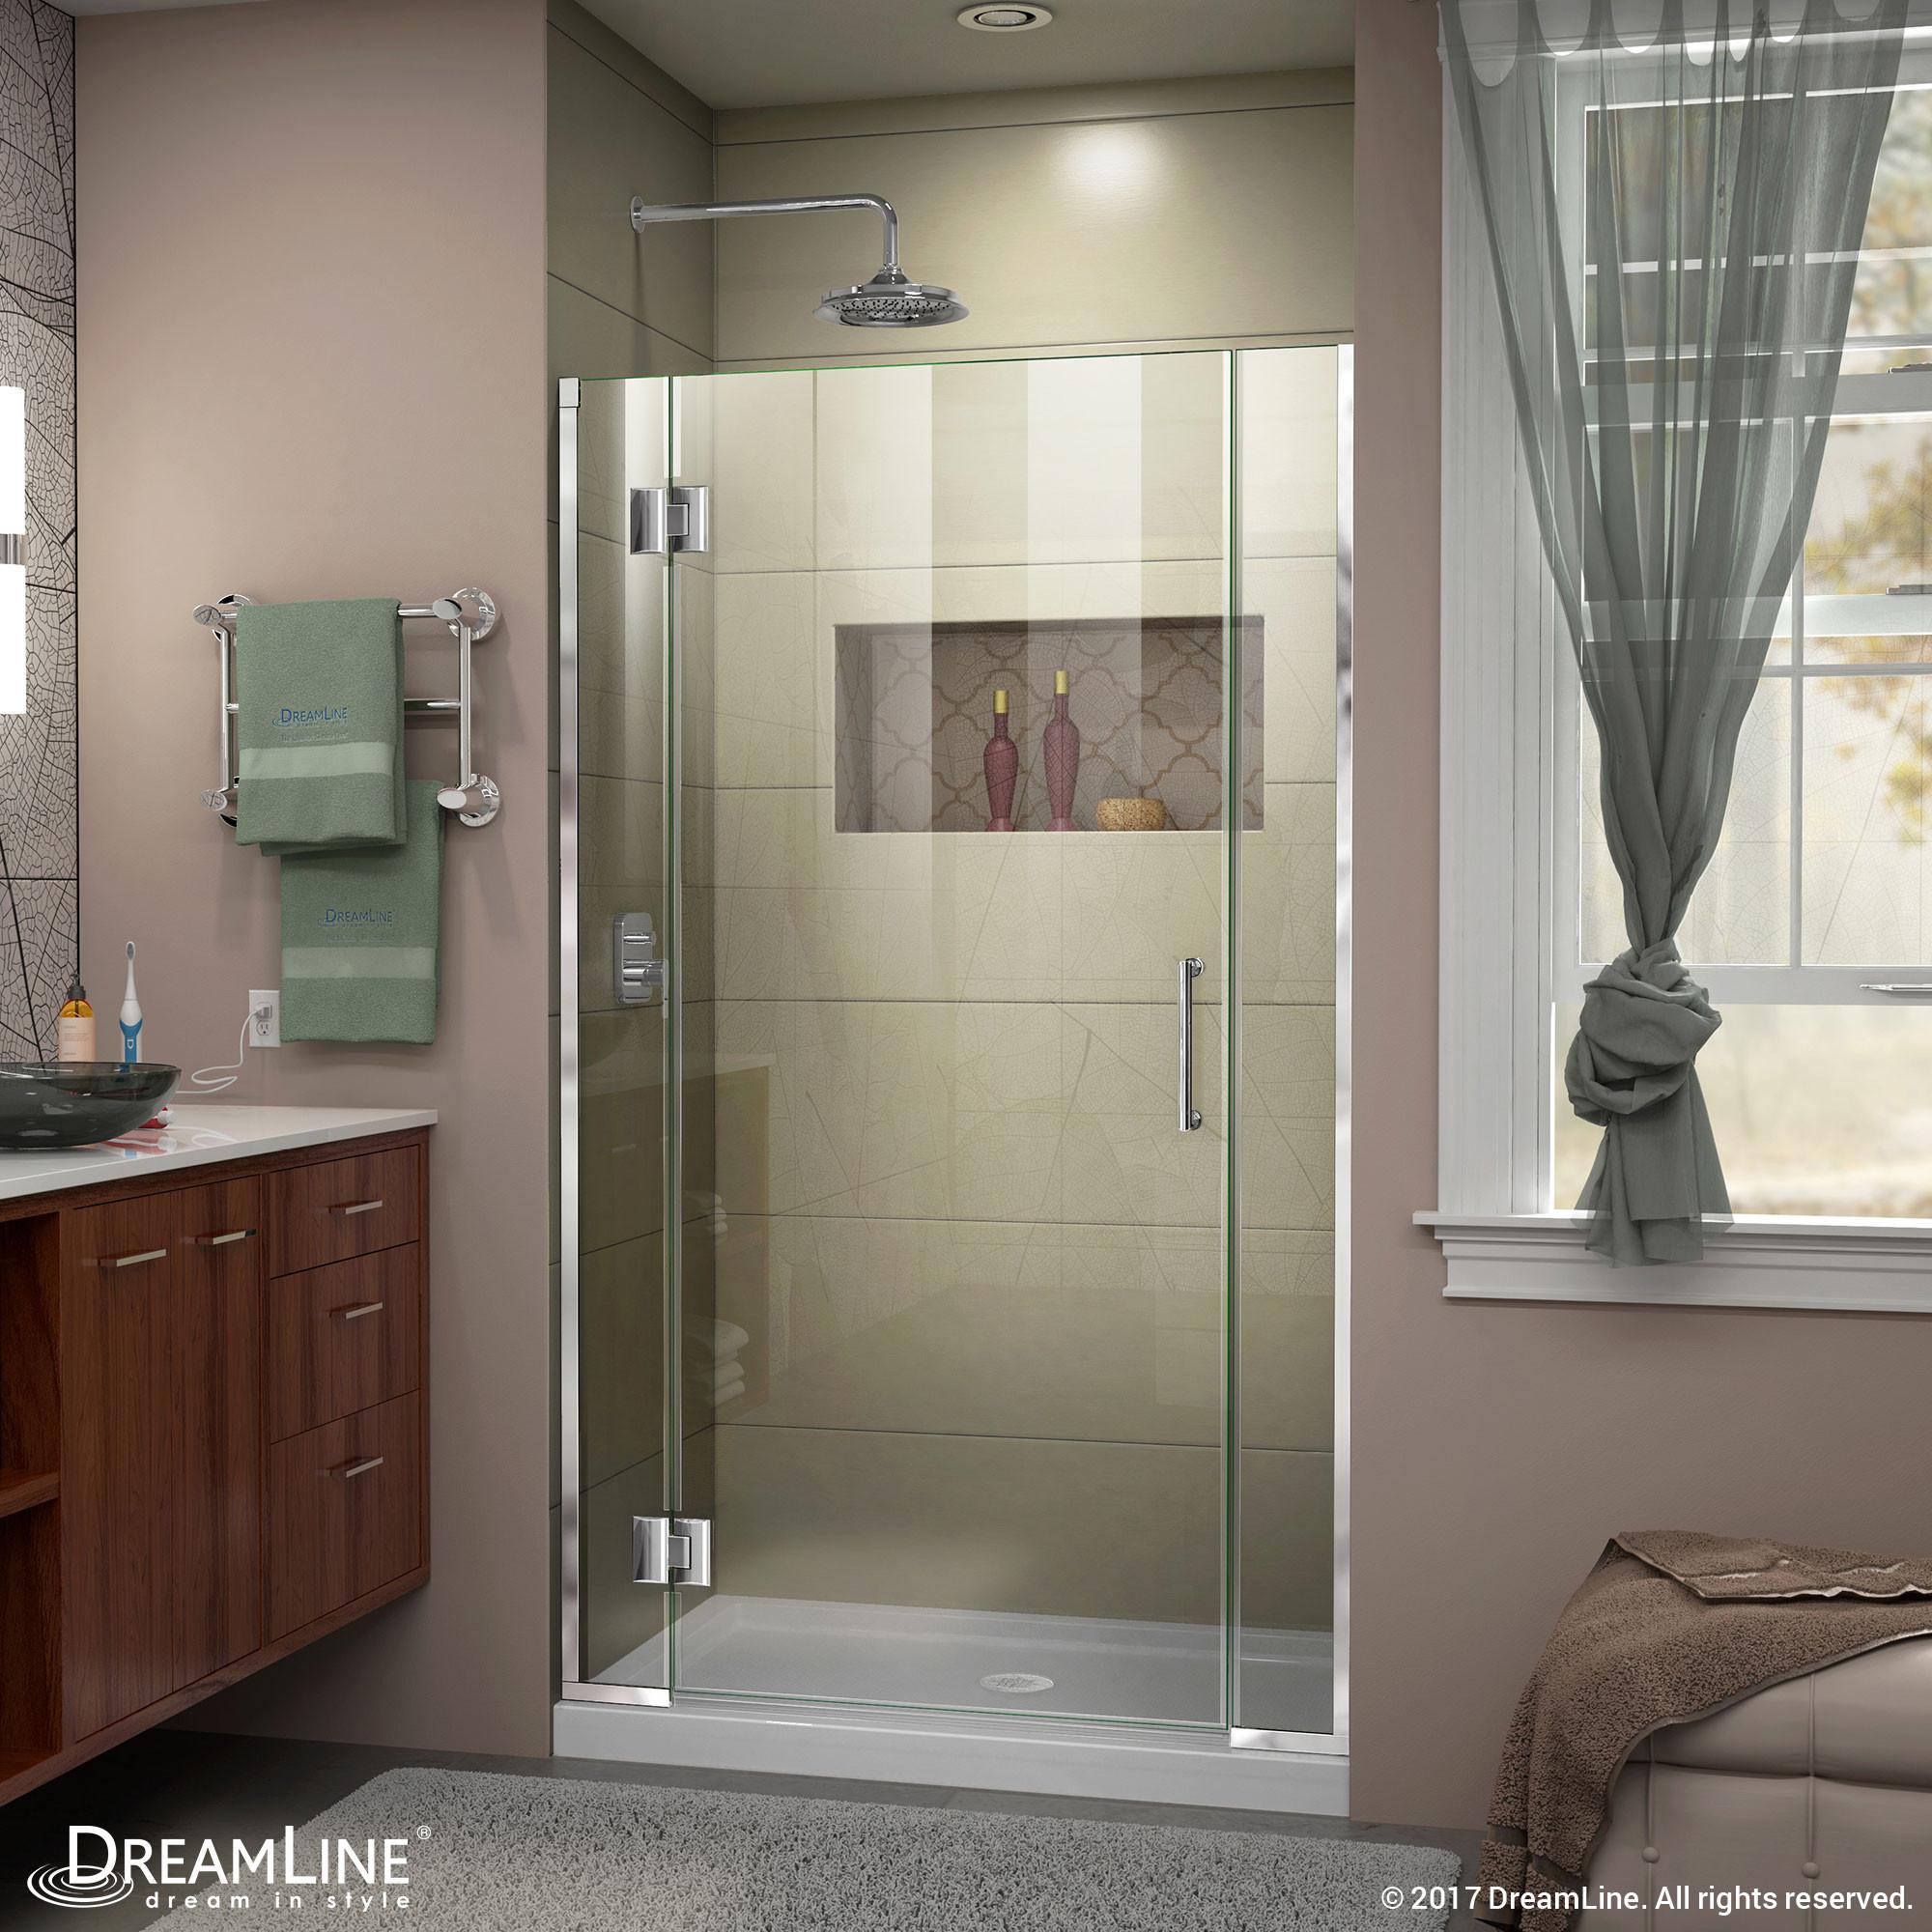 DreamLine D12306572-01 Unidoor-X 35 1/2 - 36 in. W x 72 in. H Hinged Shower Door in Chrome